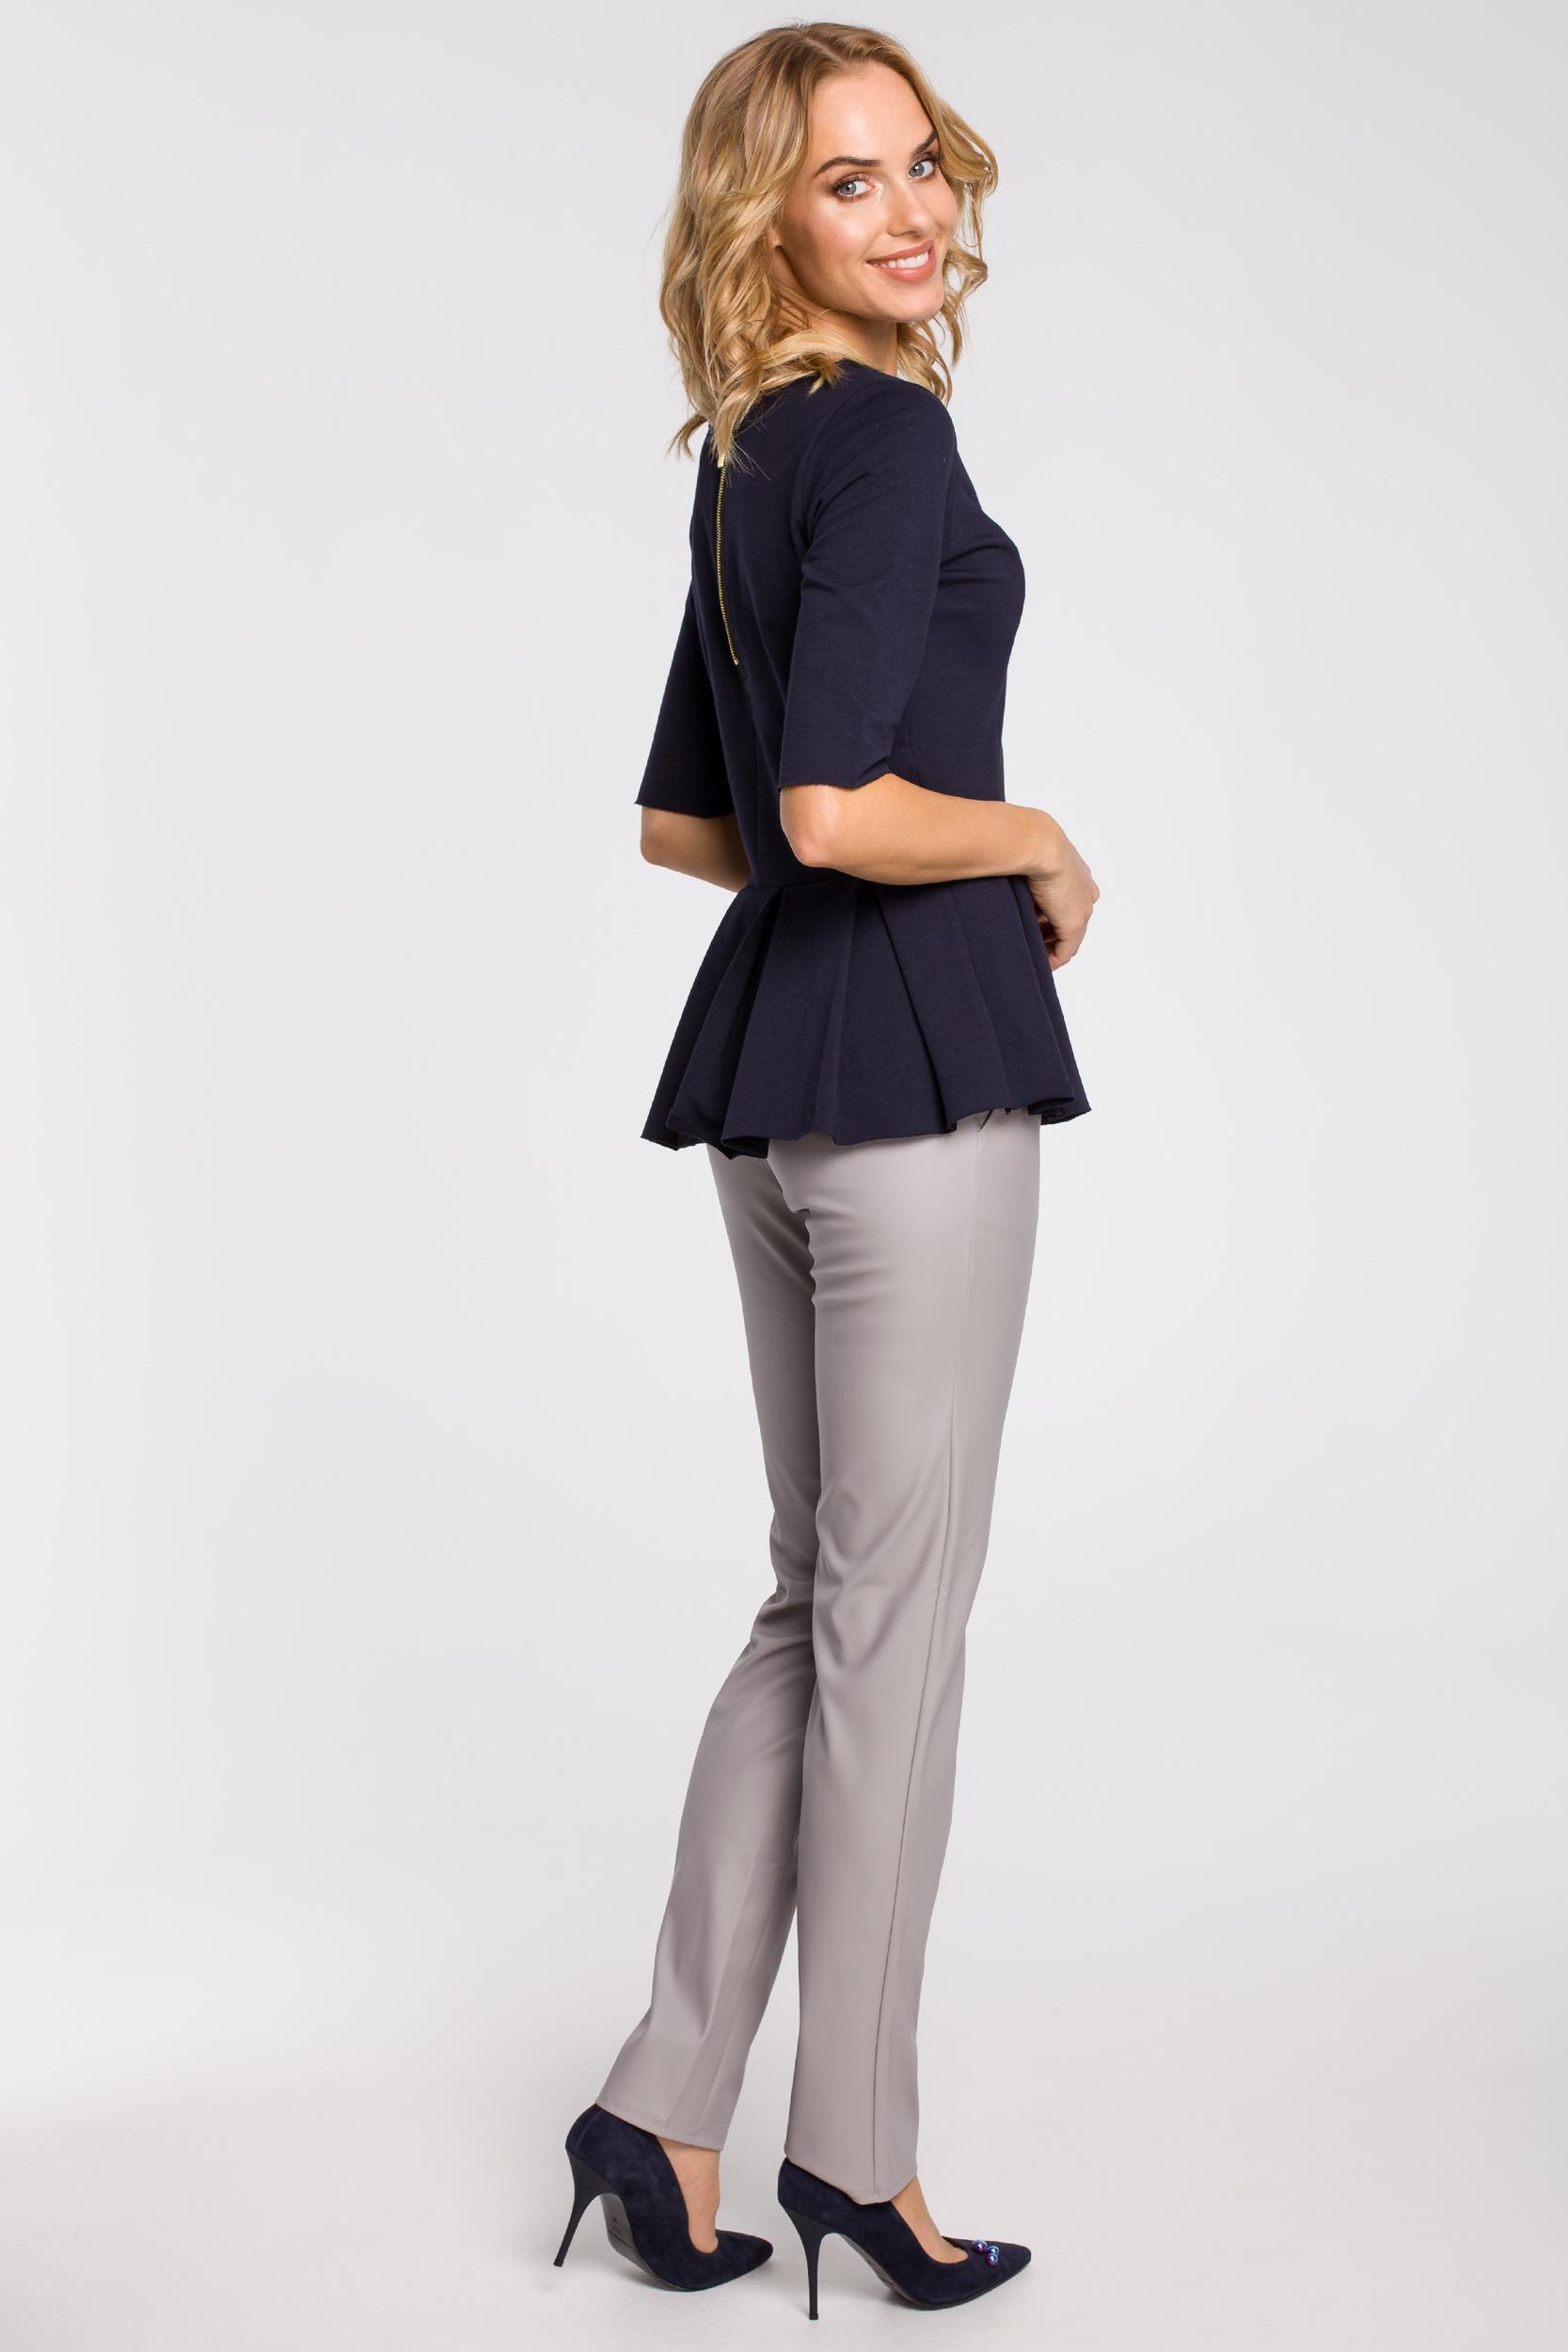 CM1090 Dopasowana bluzka damska z plisowaną baskinką - granatowa